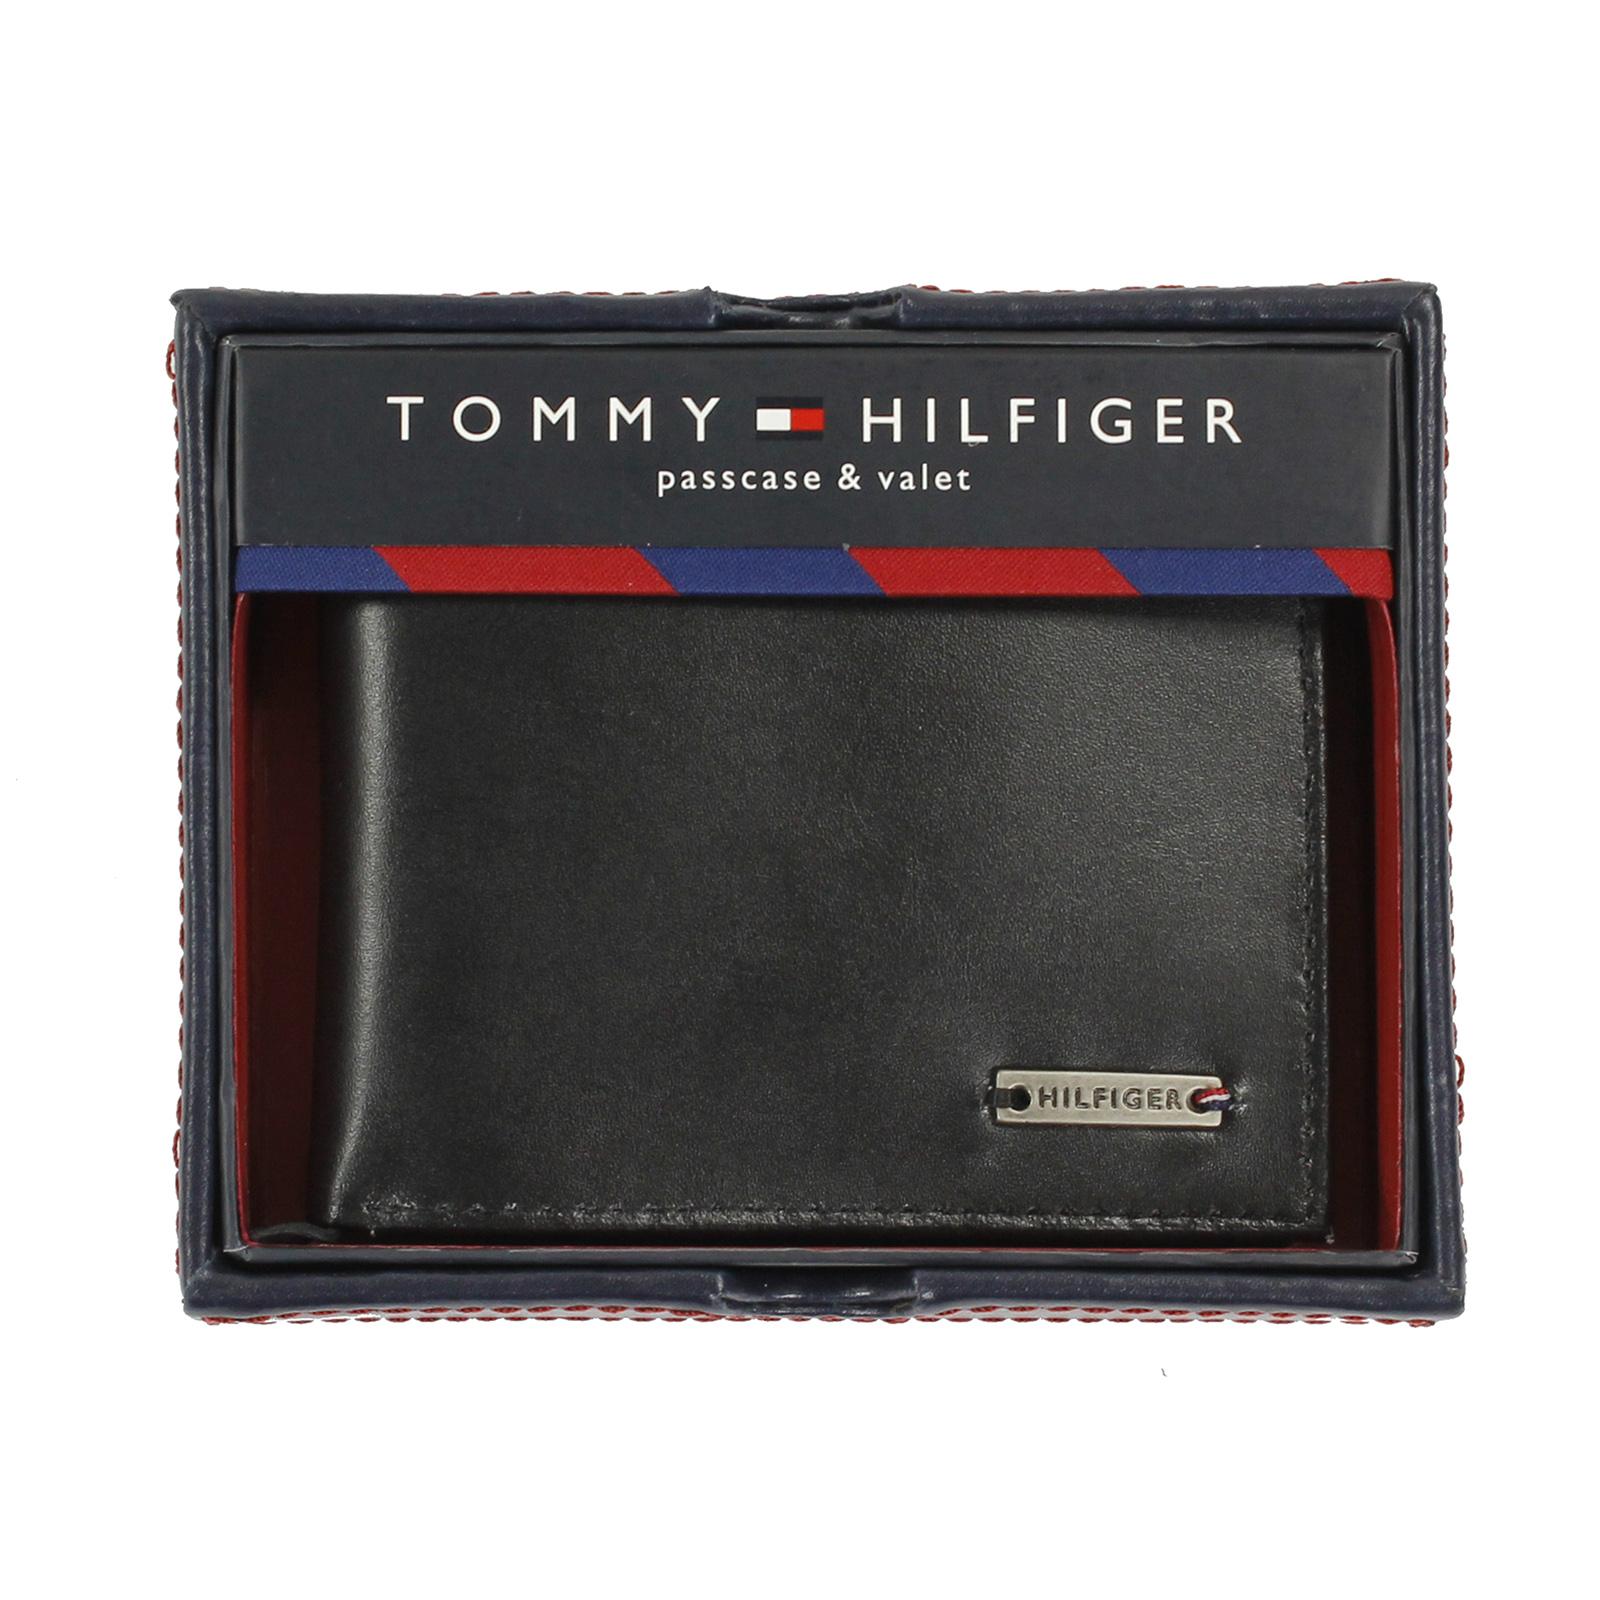 美國百分百【全新真品】Tommy Hilfiger 皮夾 TH 男生 錢包 皮包 短夾 禮盒 鈔票夾 黑色 E377